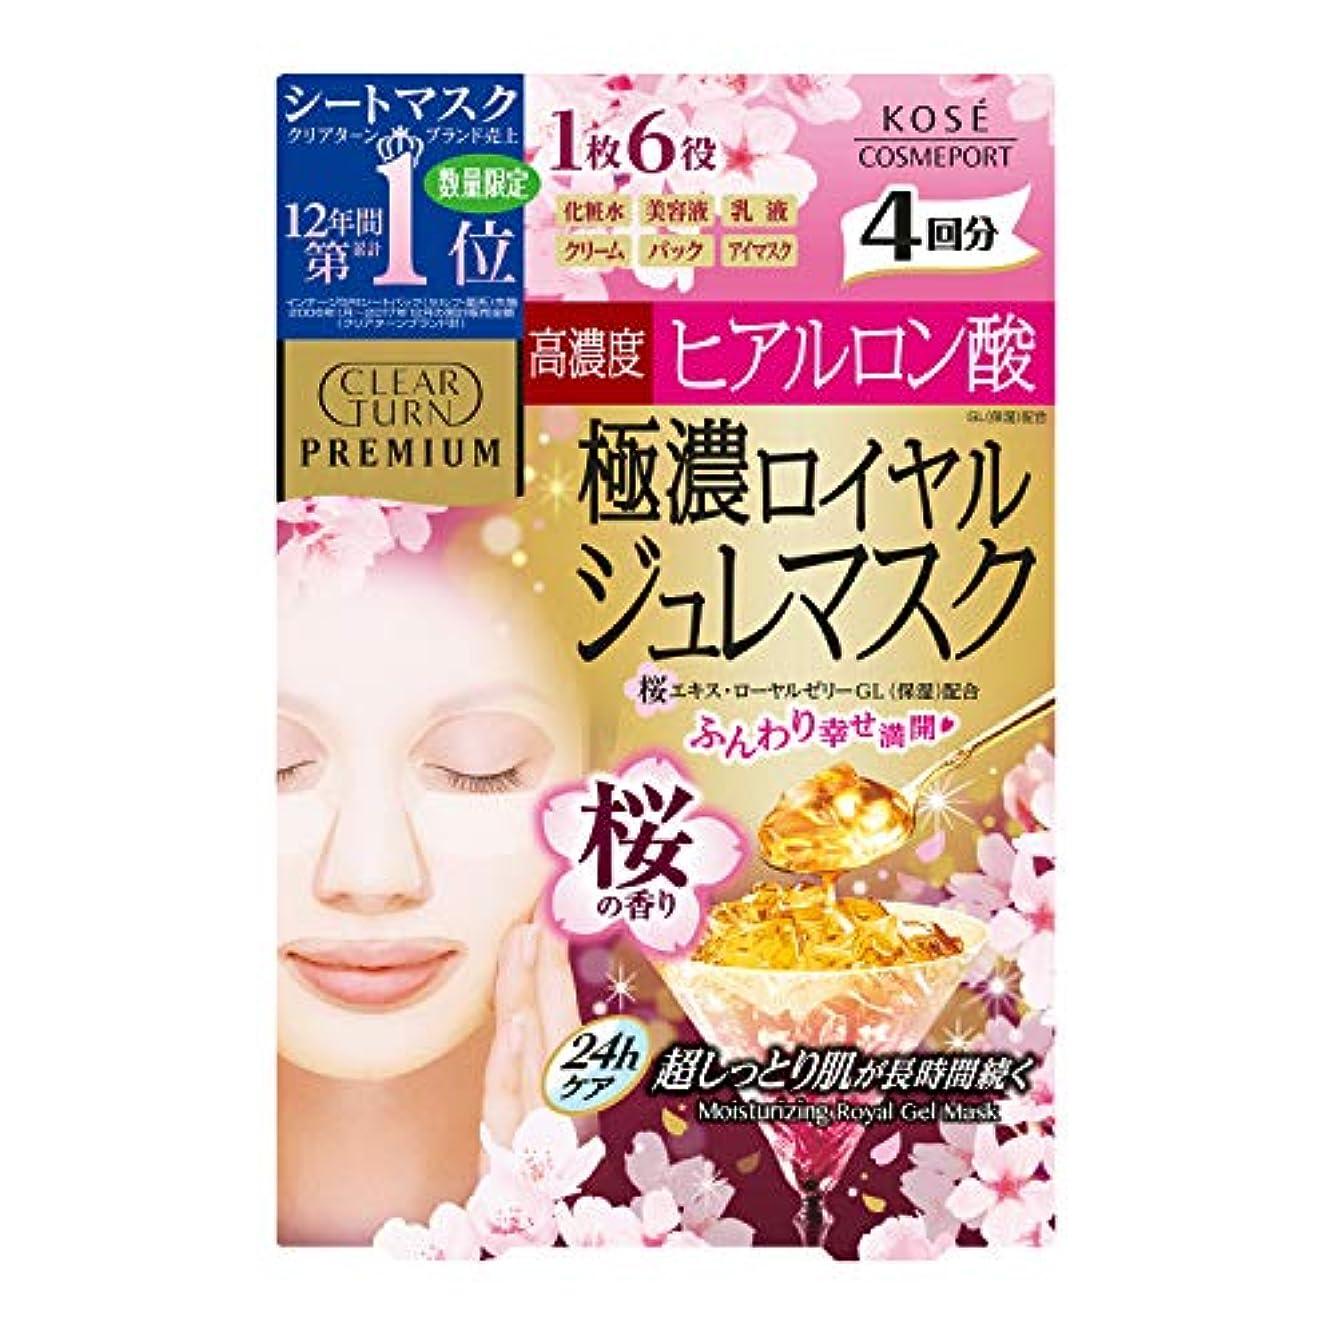 価値コミュニケーション導入するKOSE クリアターン プレミアムロイヤルジュレマスク(ヒアルロン酸)4回 桜の香り